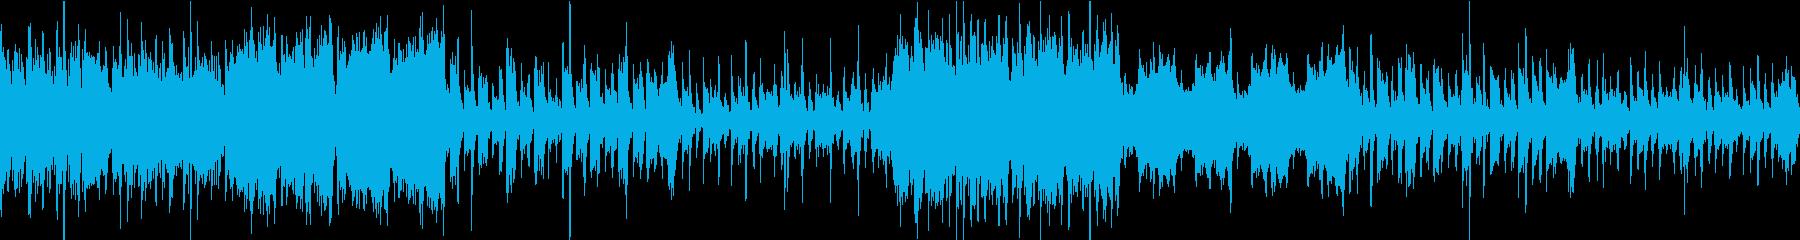 ピアノとストリングス主体のホラー系BGMの再生済みの波形